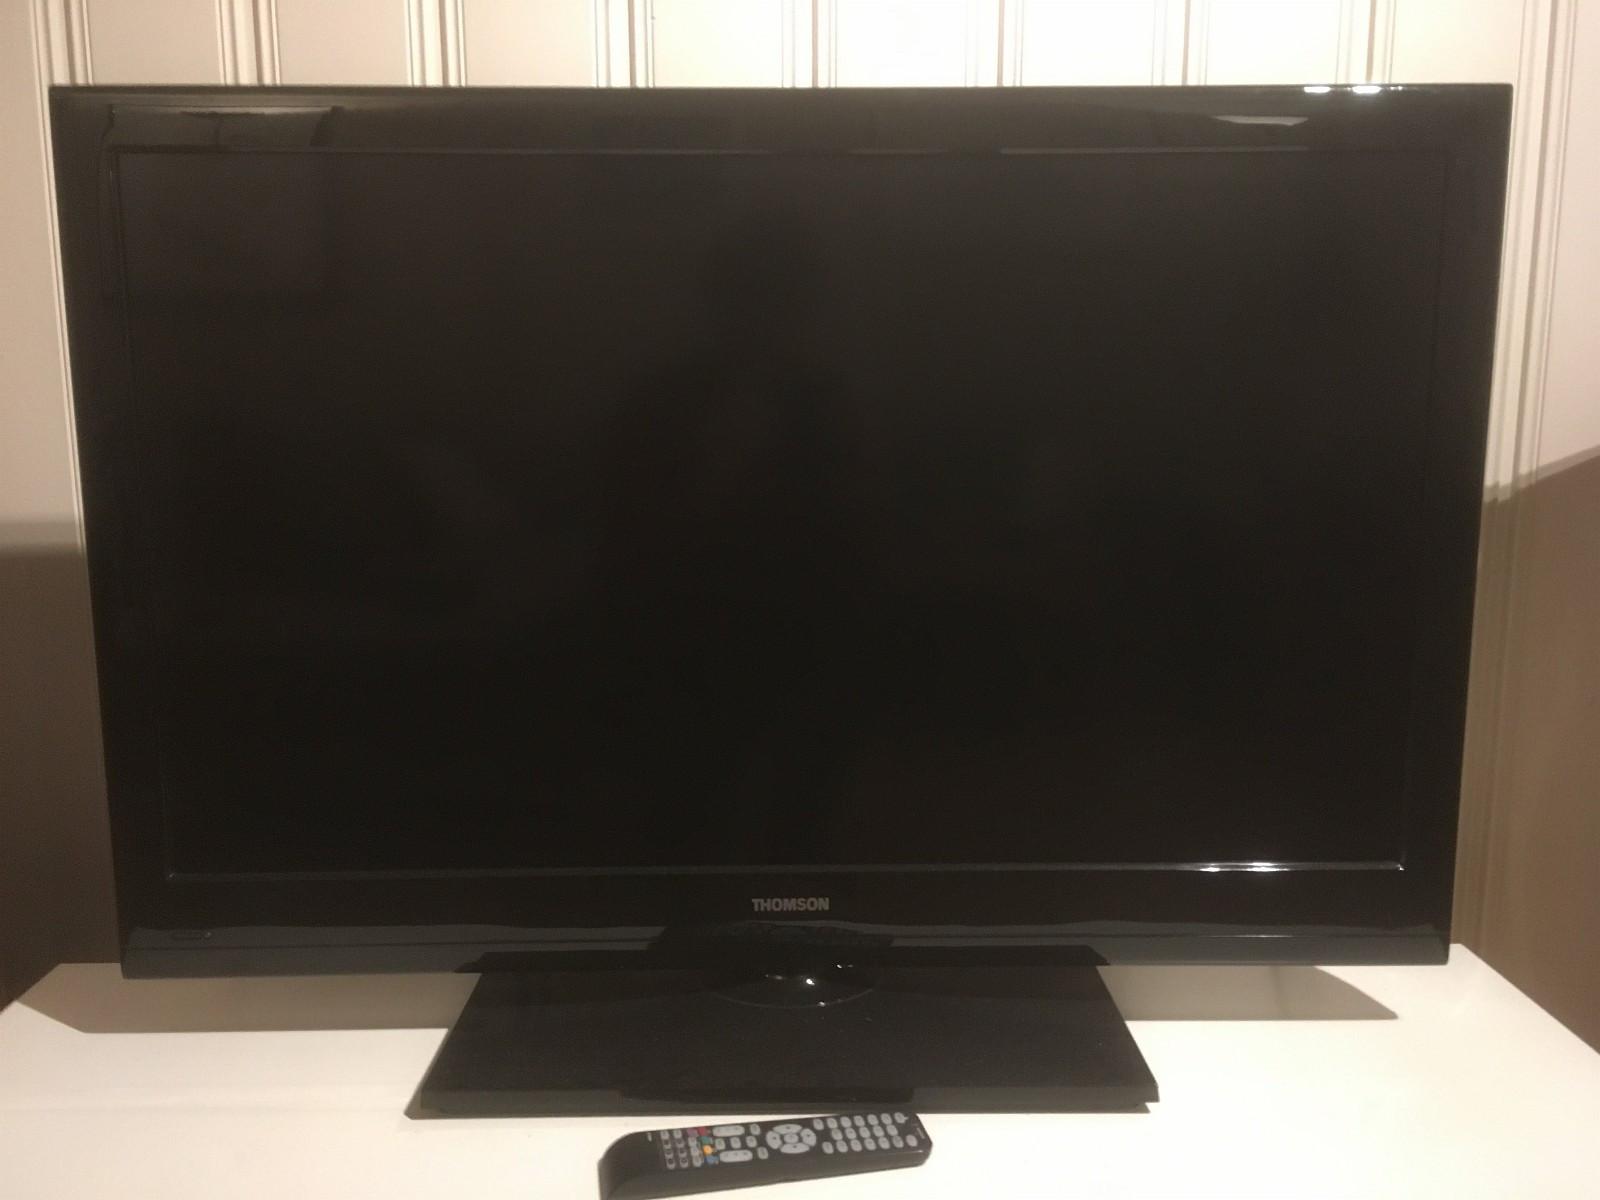 """Thomson 40"""" full HD TV m/Chromecast - Trondheim  - Pent brukt Thomson 40FS3246 LCD TV selges komplett i original emballasje.  I tillegg medfølger Chromecast, som lar deg strømme fra Netflix, NRK nett-tv, Spotify osv.  TVen har en rekke inngangsmulighter, for eksempel  - Trondheim"""